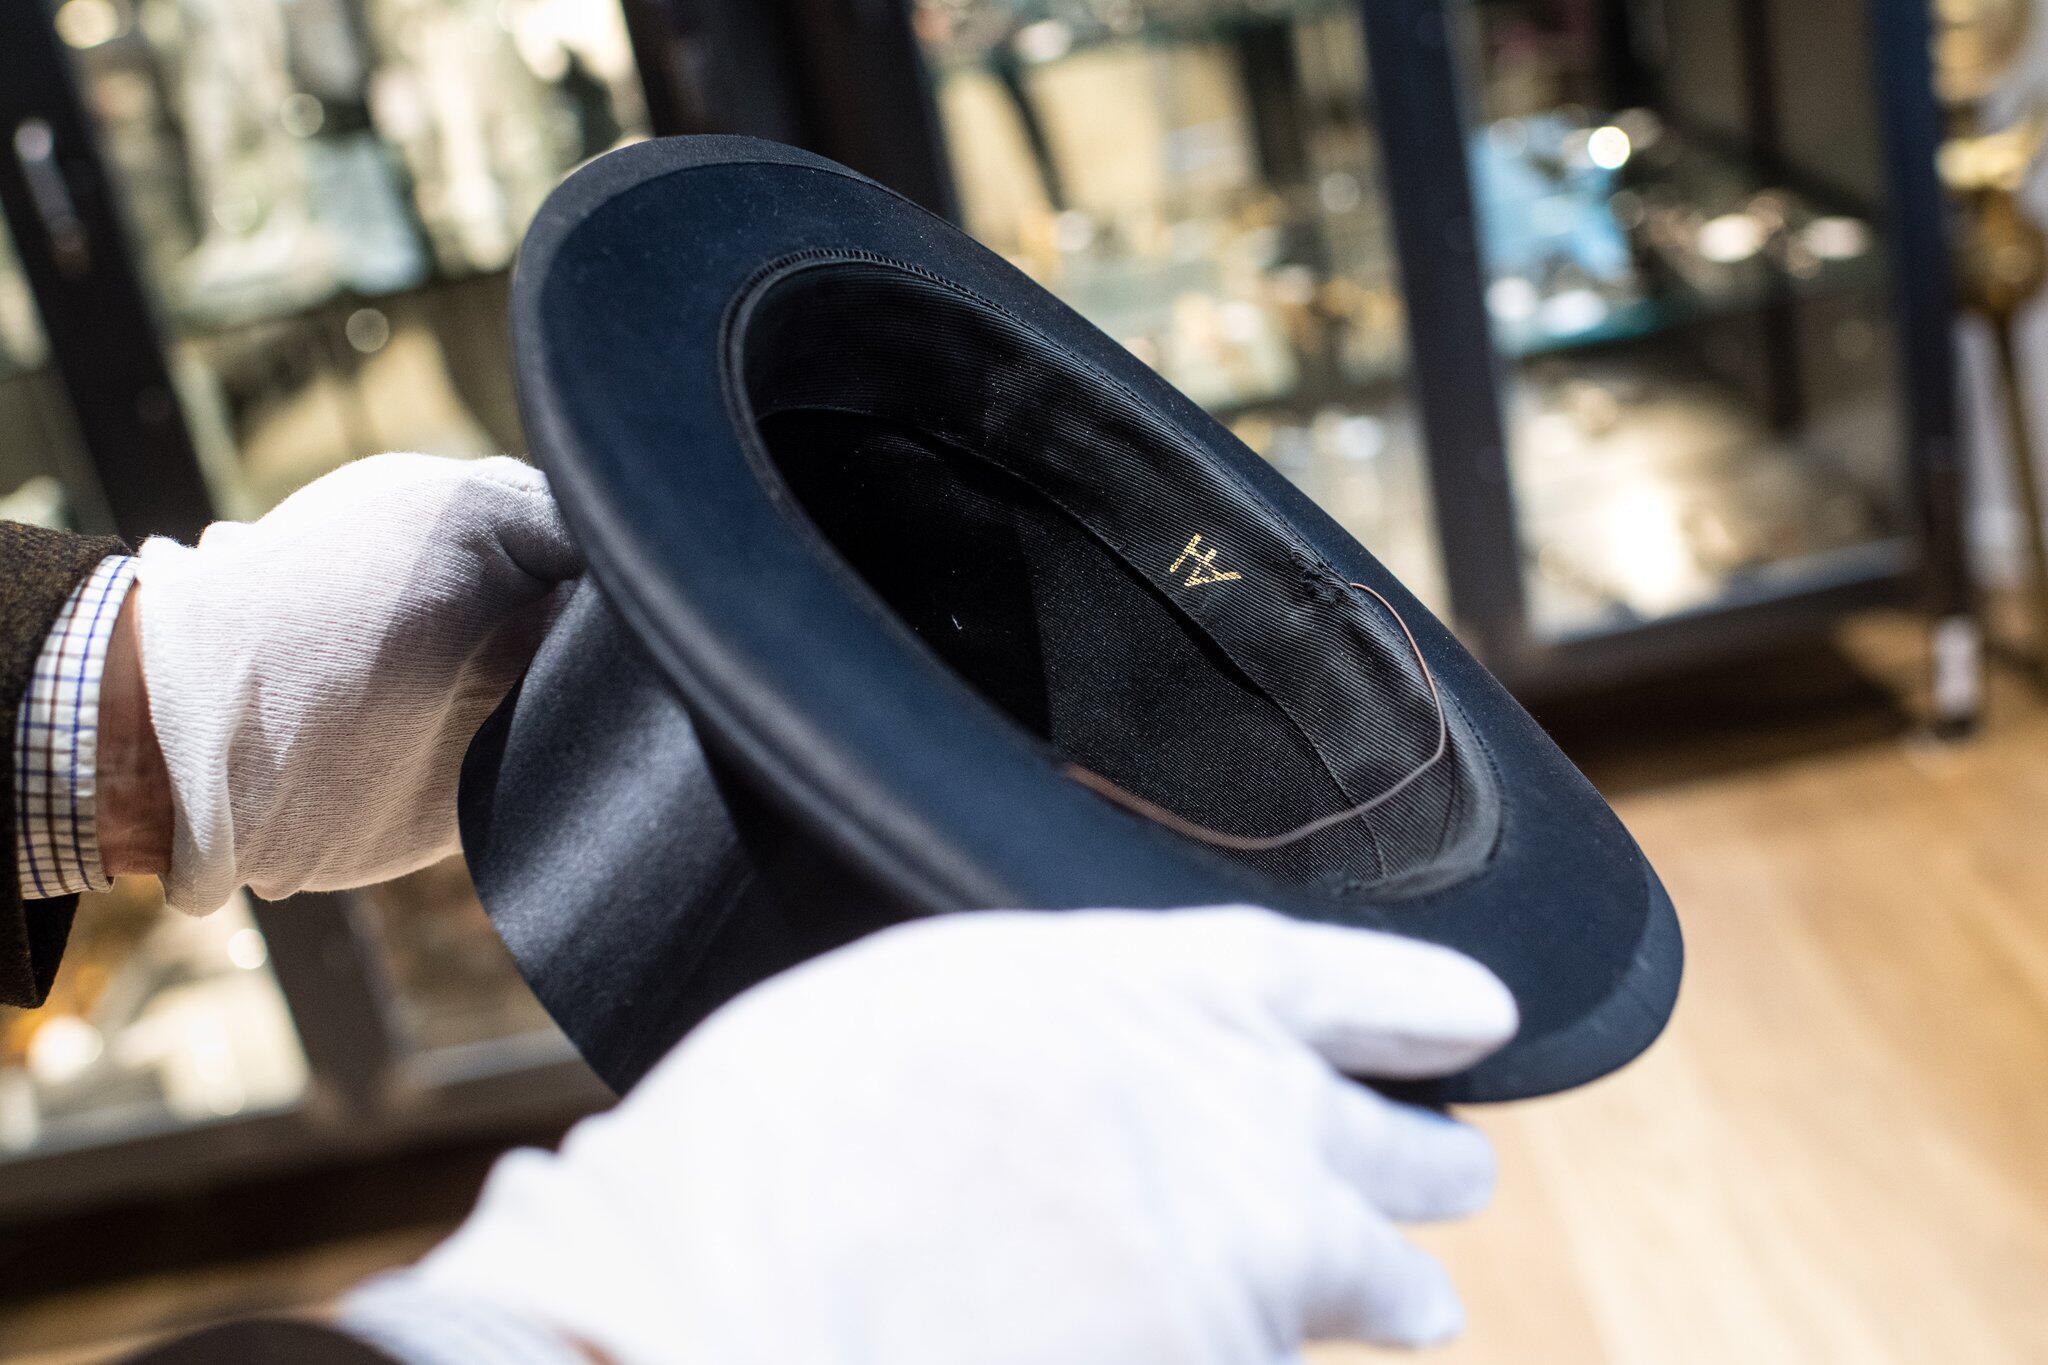 Bild zu Auction of Nazi devotional objects